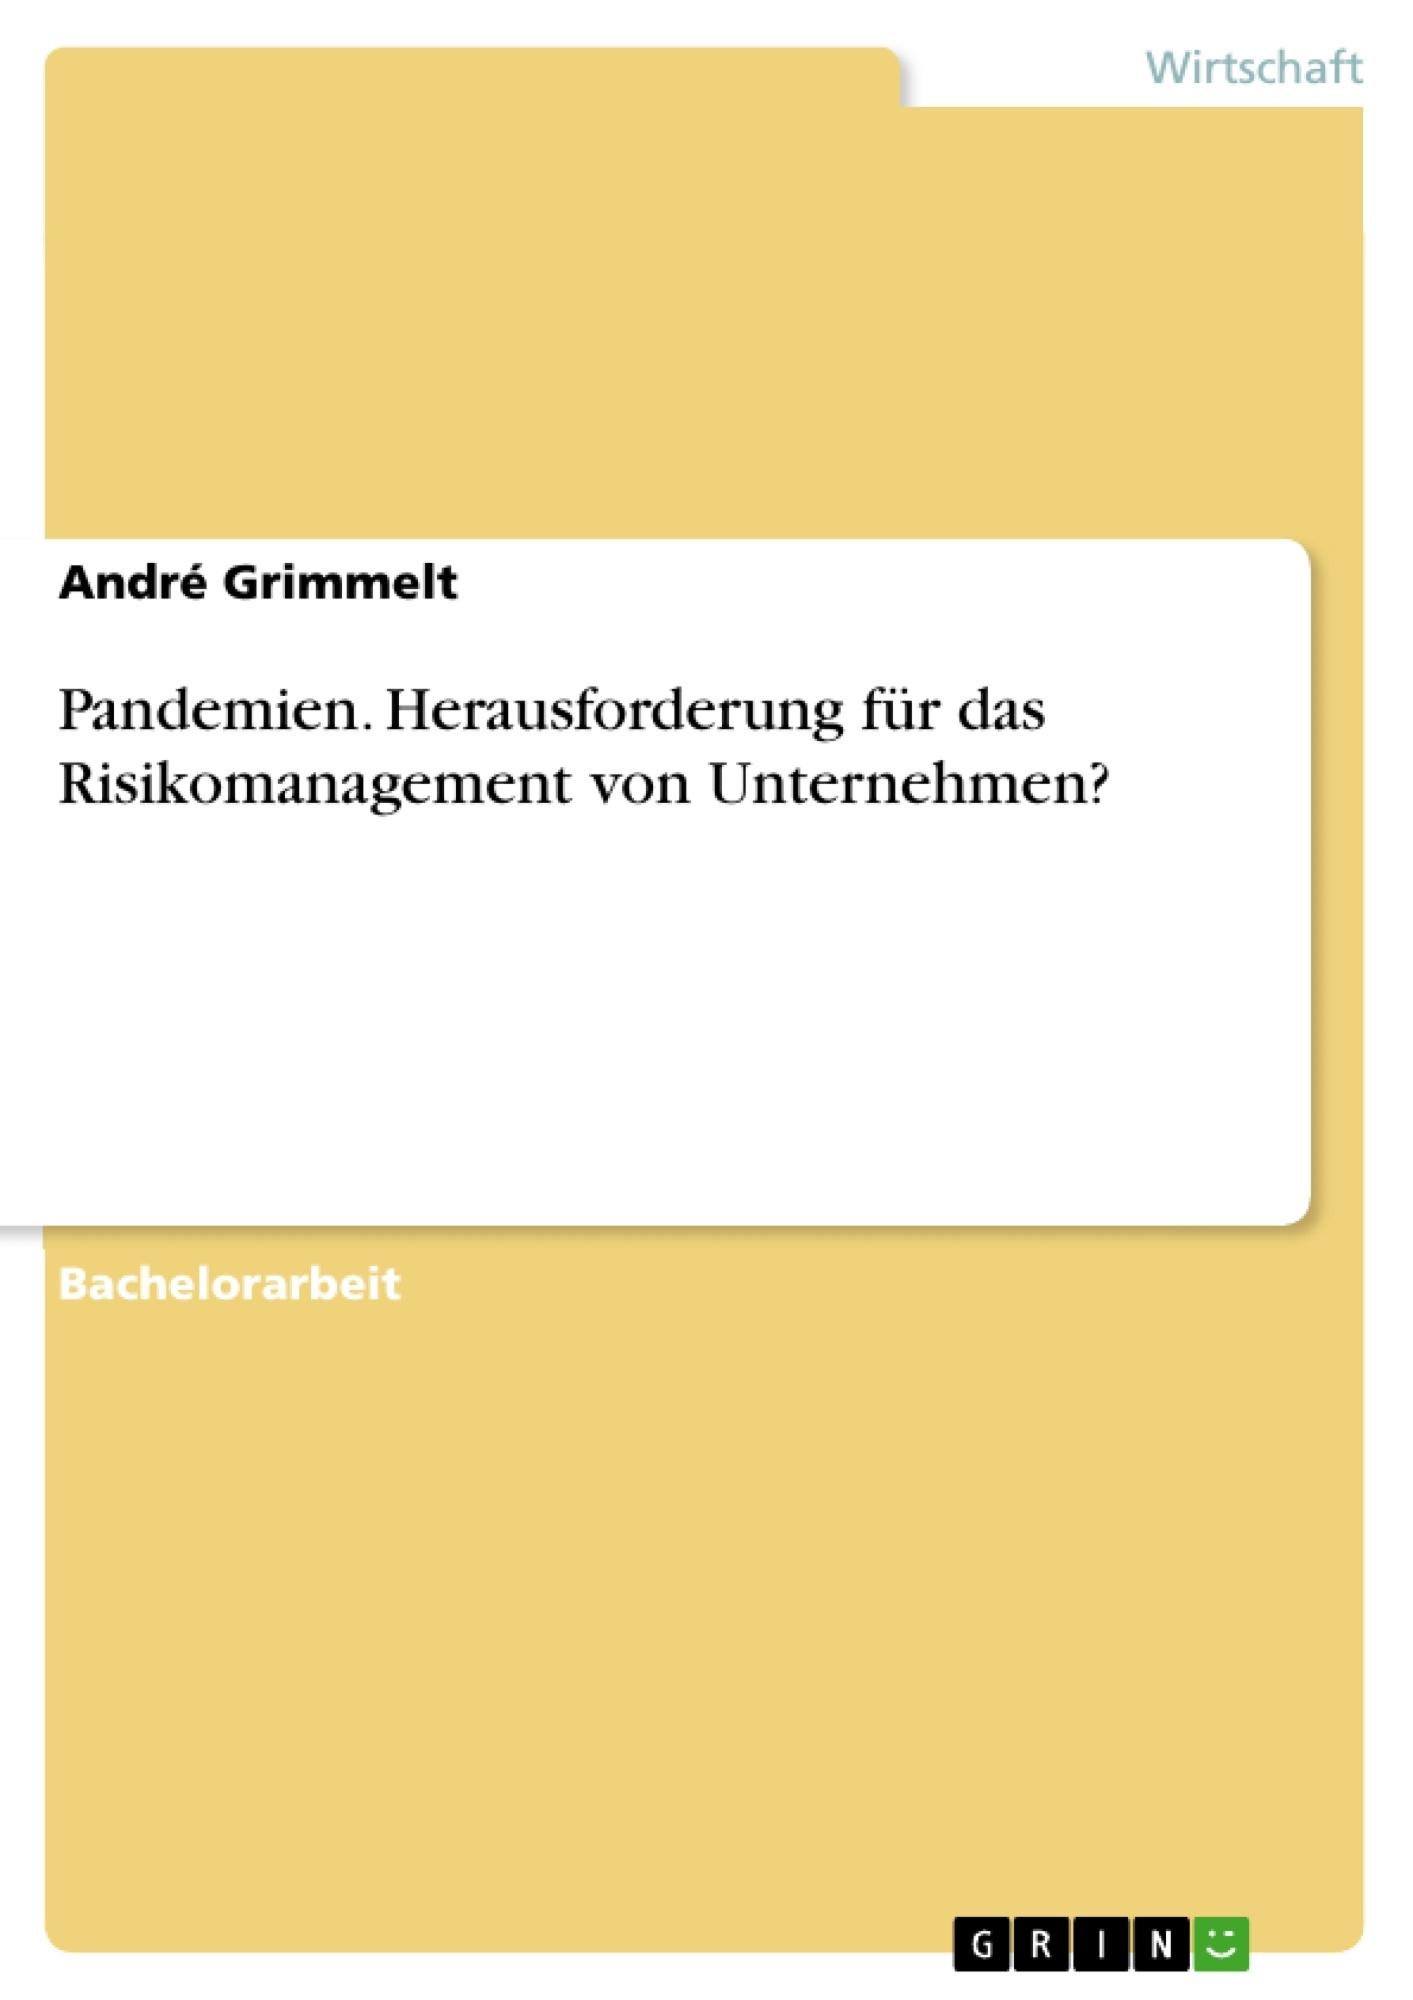 Titel: Pandemien. Herausforderung für das Risikomanagement von Unternehmen?